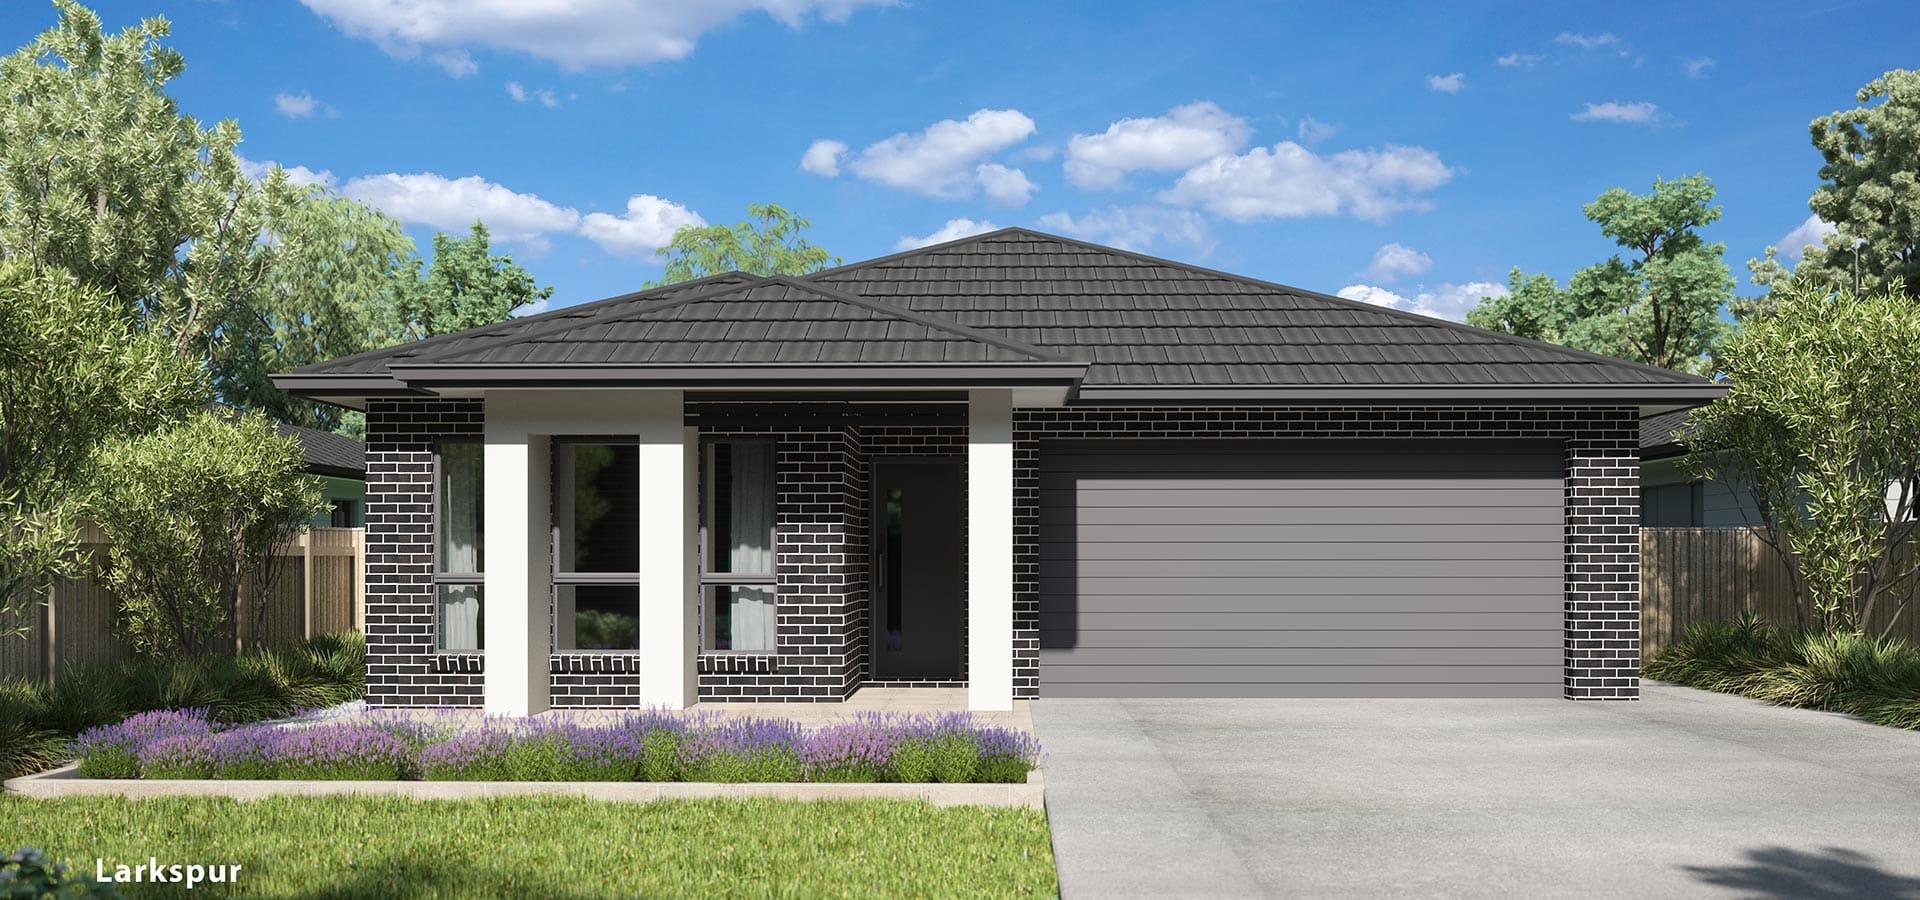 Larkspur-12-13-Y-Single-House-Design